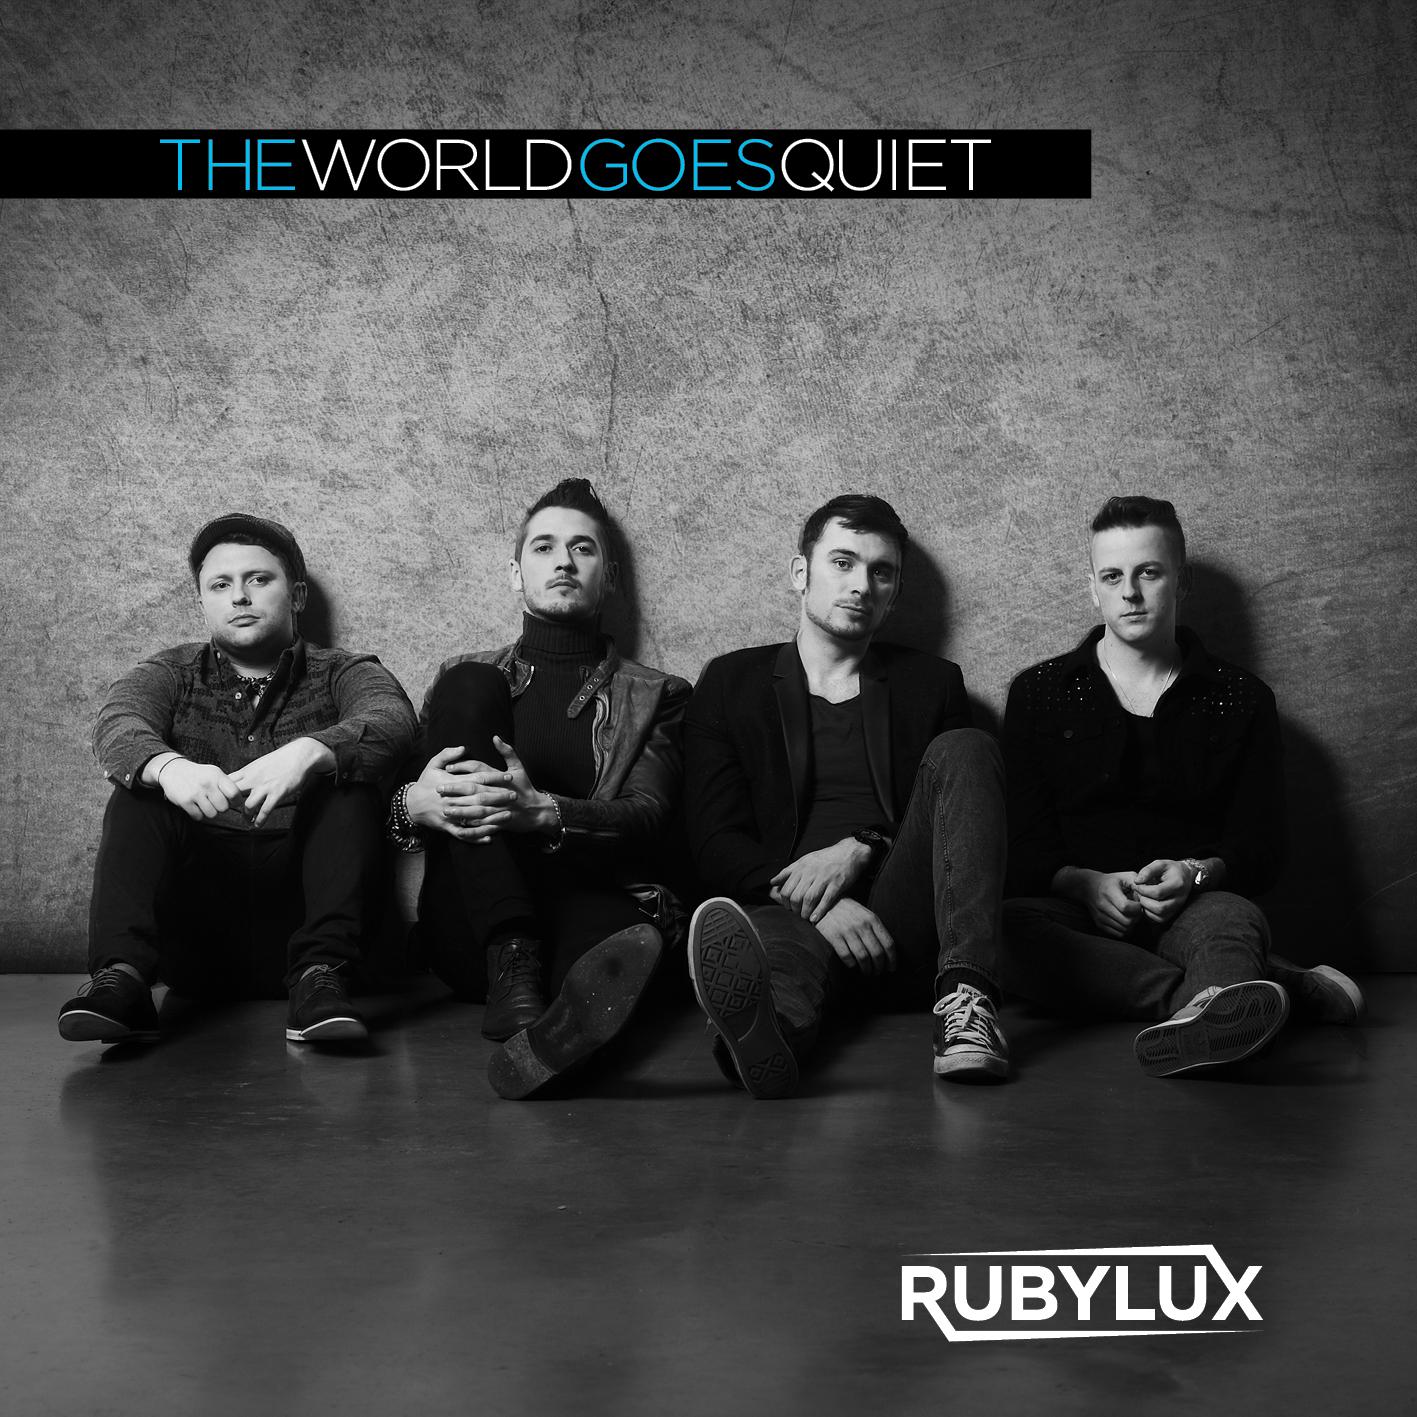 RUBYLUX_TWGQ_SINGLE_HIGHRES